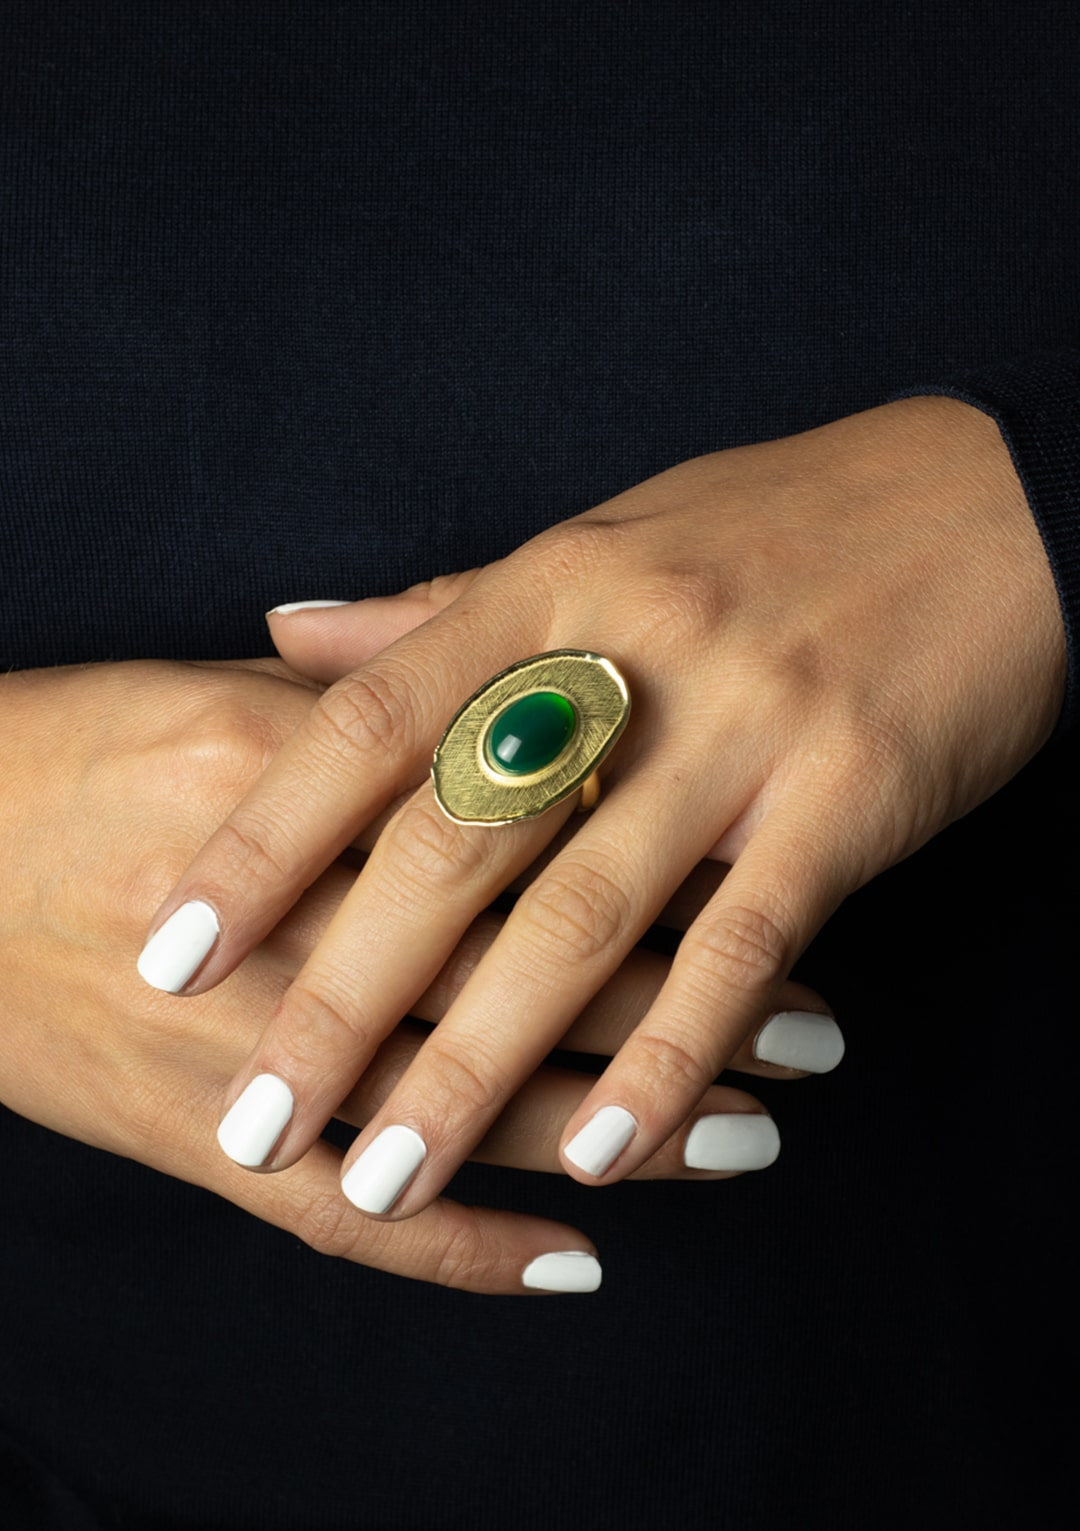 Bague réglable I cabochon de jade vert emeraude I argent massif doré à l'or 18 carats I Elliade Paris I vue portée I Label AÉ Paris